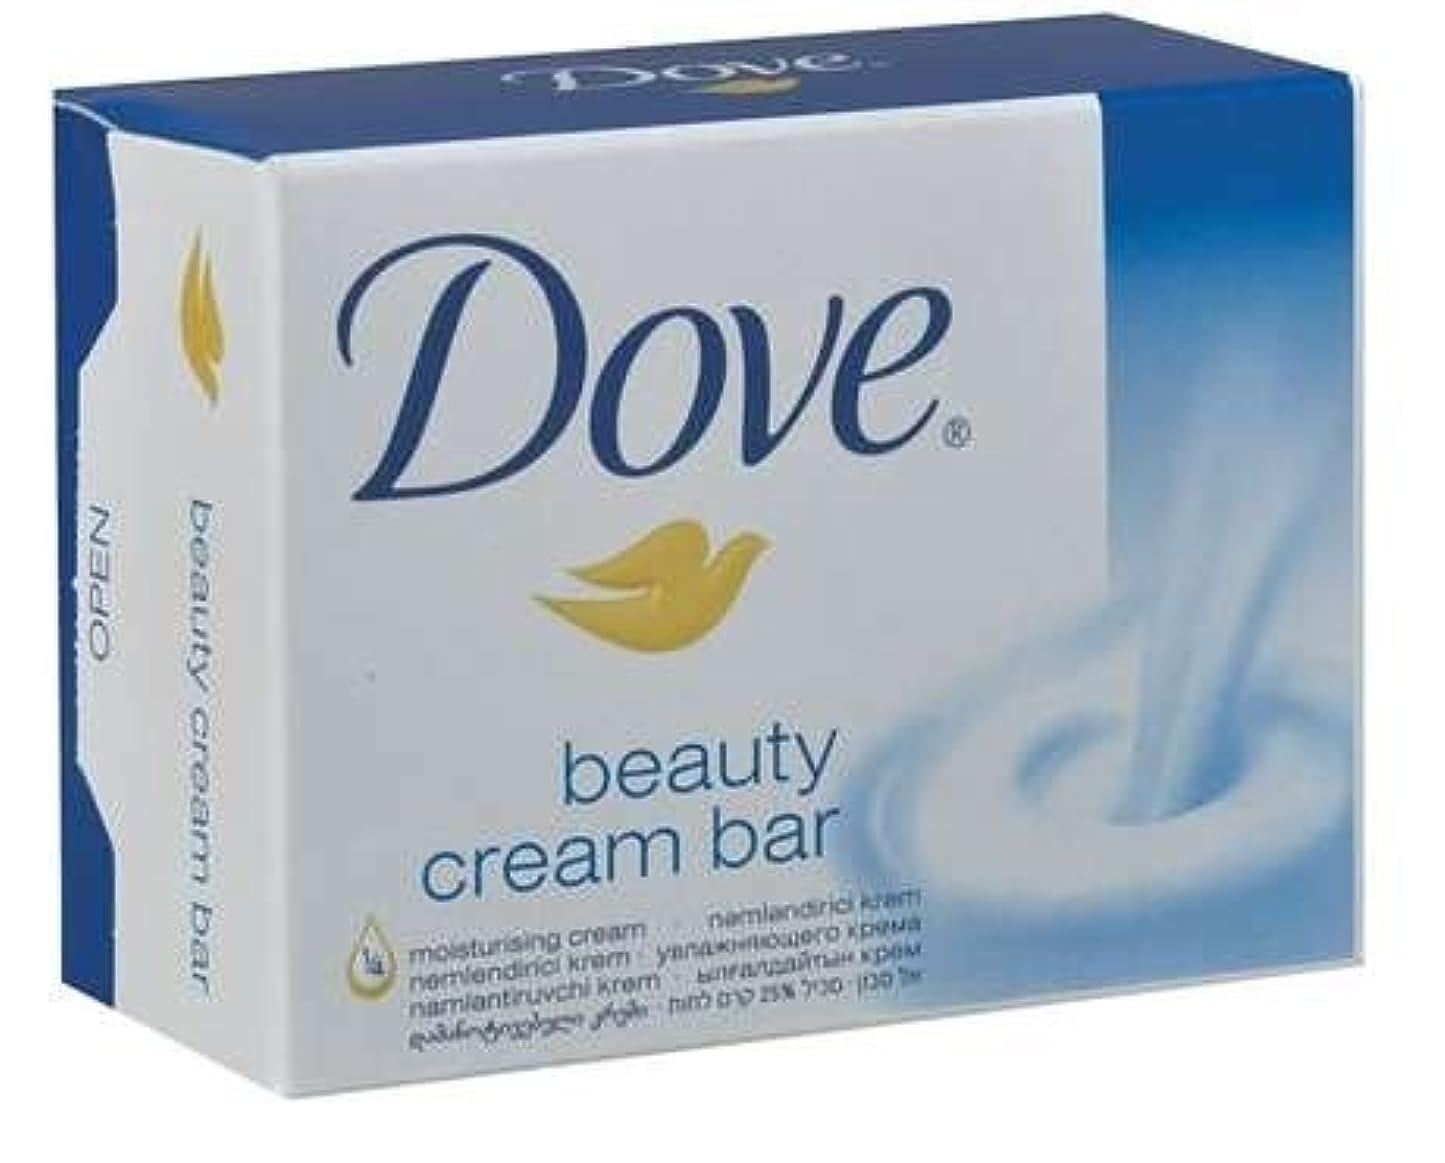 換気群衆嫌いDove Original Beauty Cream Bar White Soap 100 G / 3.5 Oz Bars (Pack of 12) by Dove [並行輸入品]